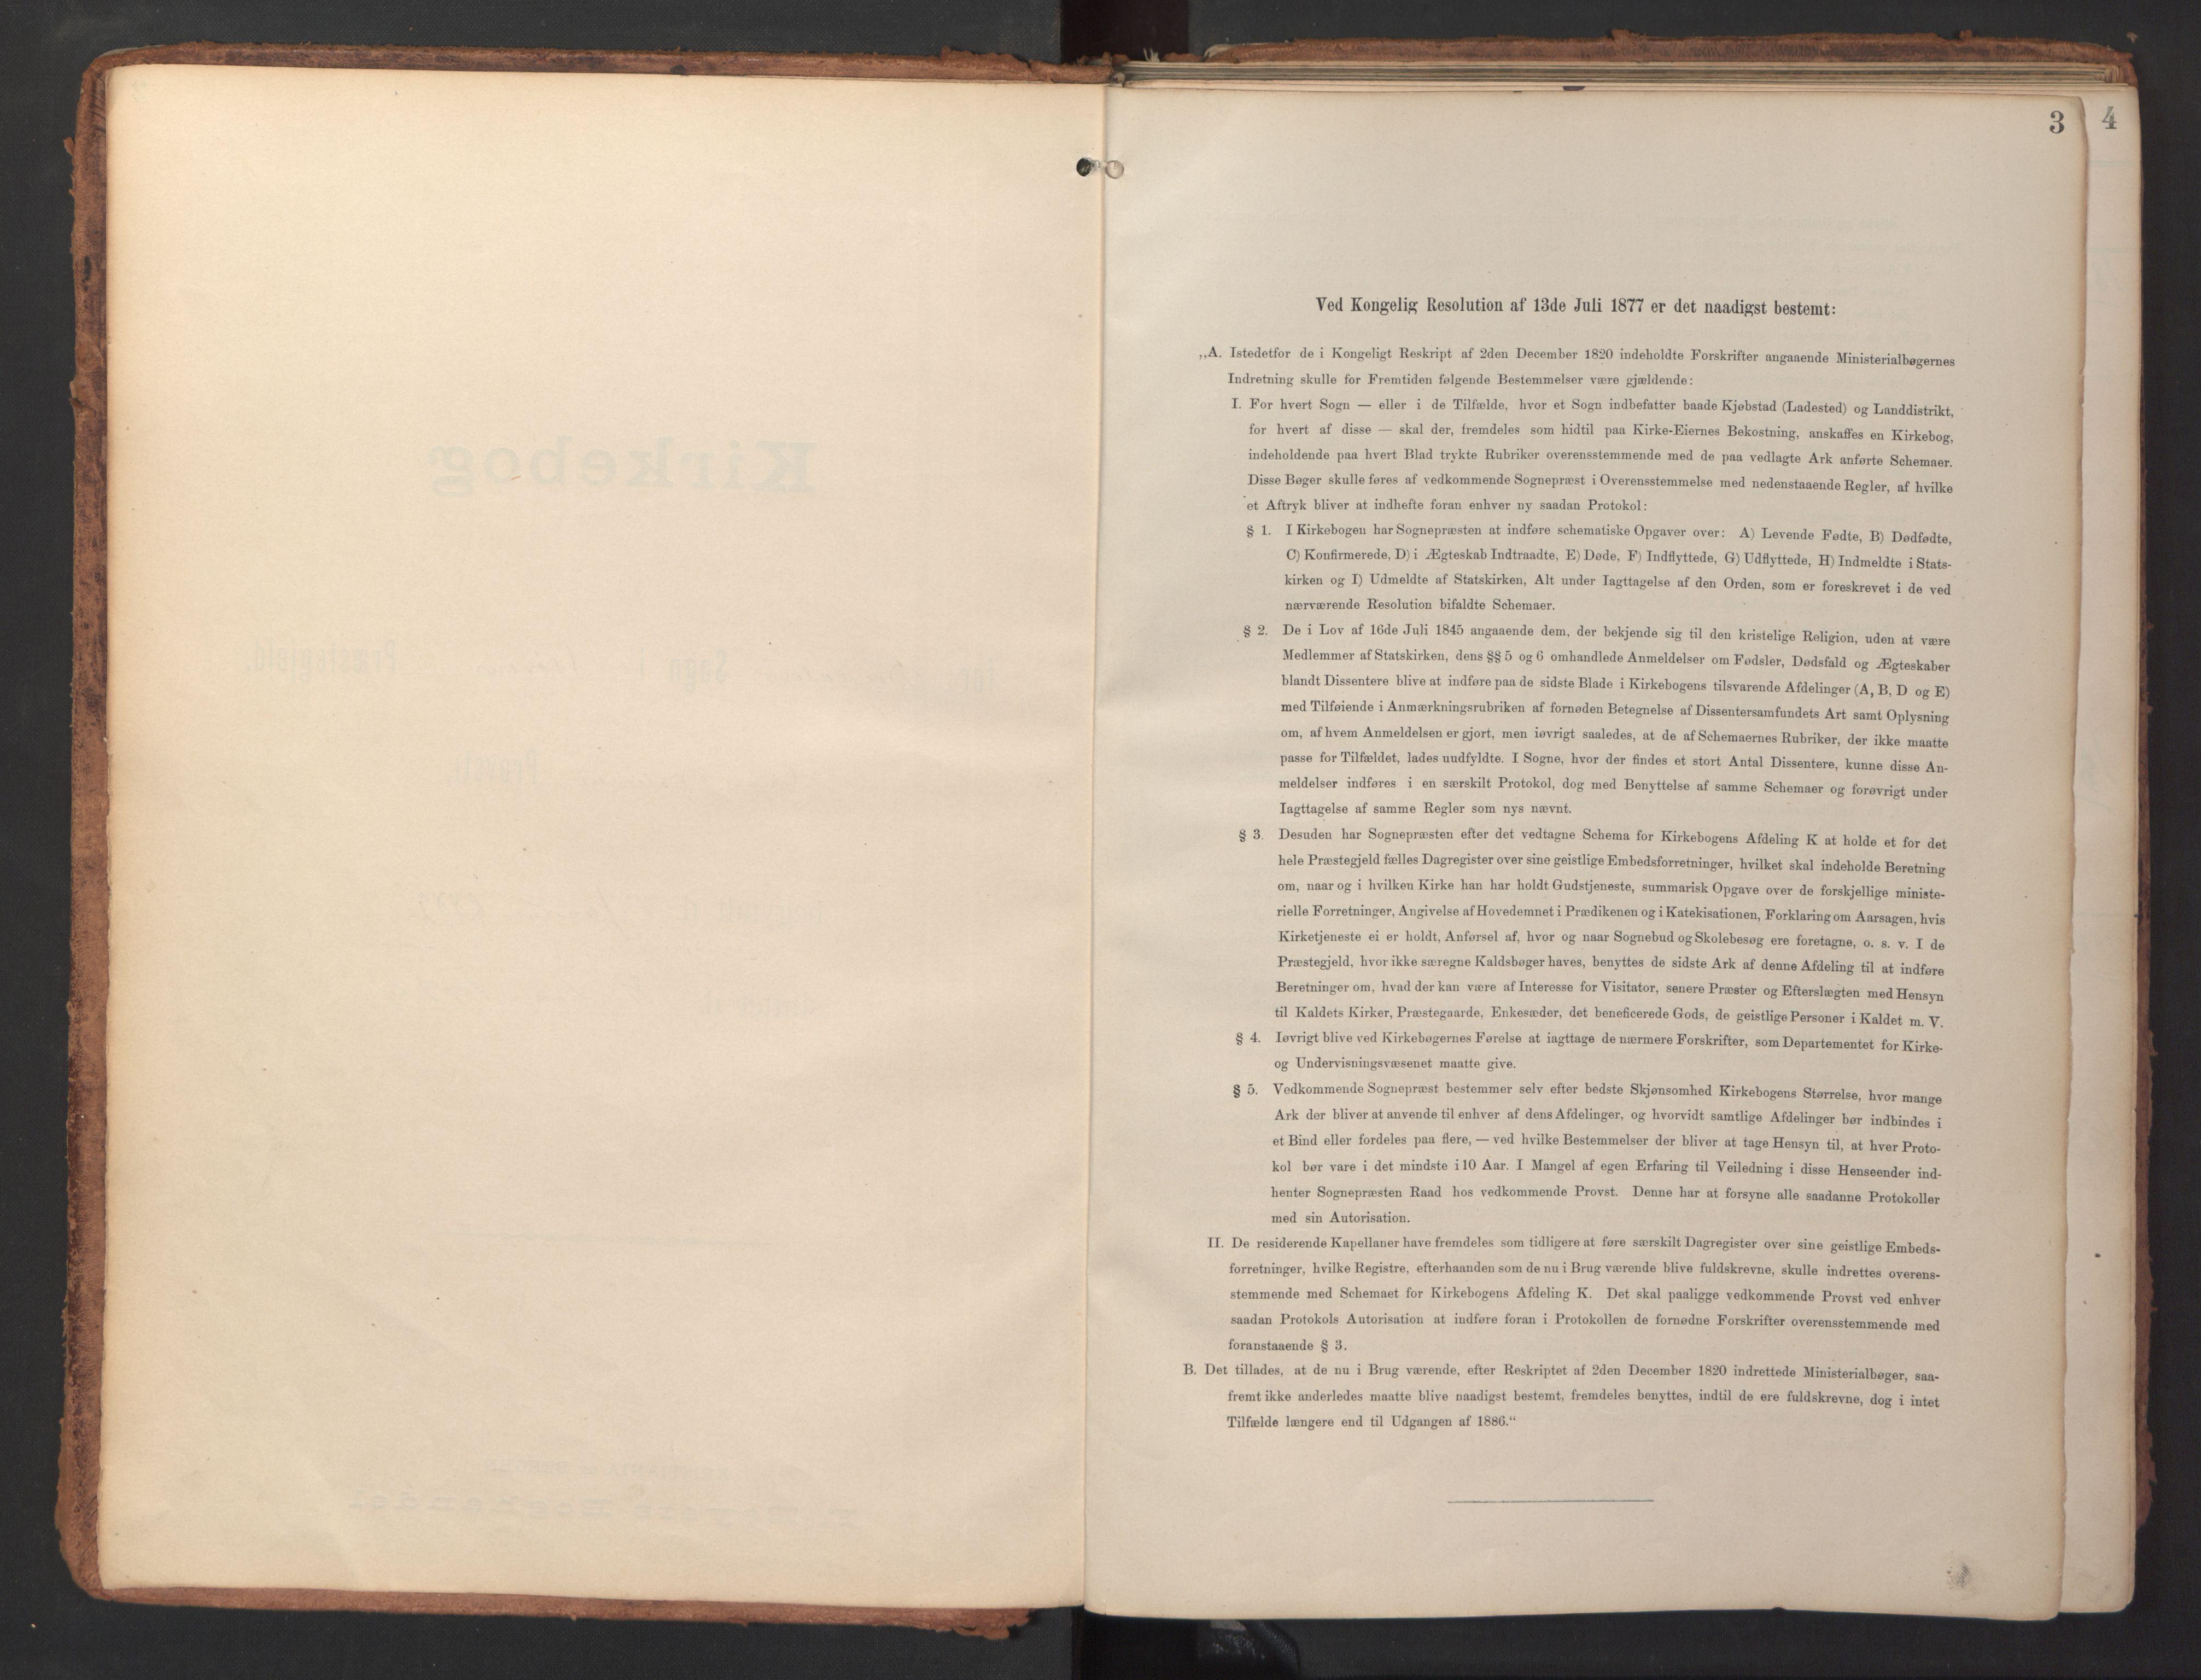 SAT, Ministerialprotokoller, klokkerbøker og fødselsregistre - Sør-Trøndelag, 690/L1050: Ministerialbok nr. 690A01, 1889-1929, s. 3